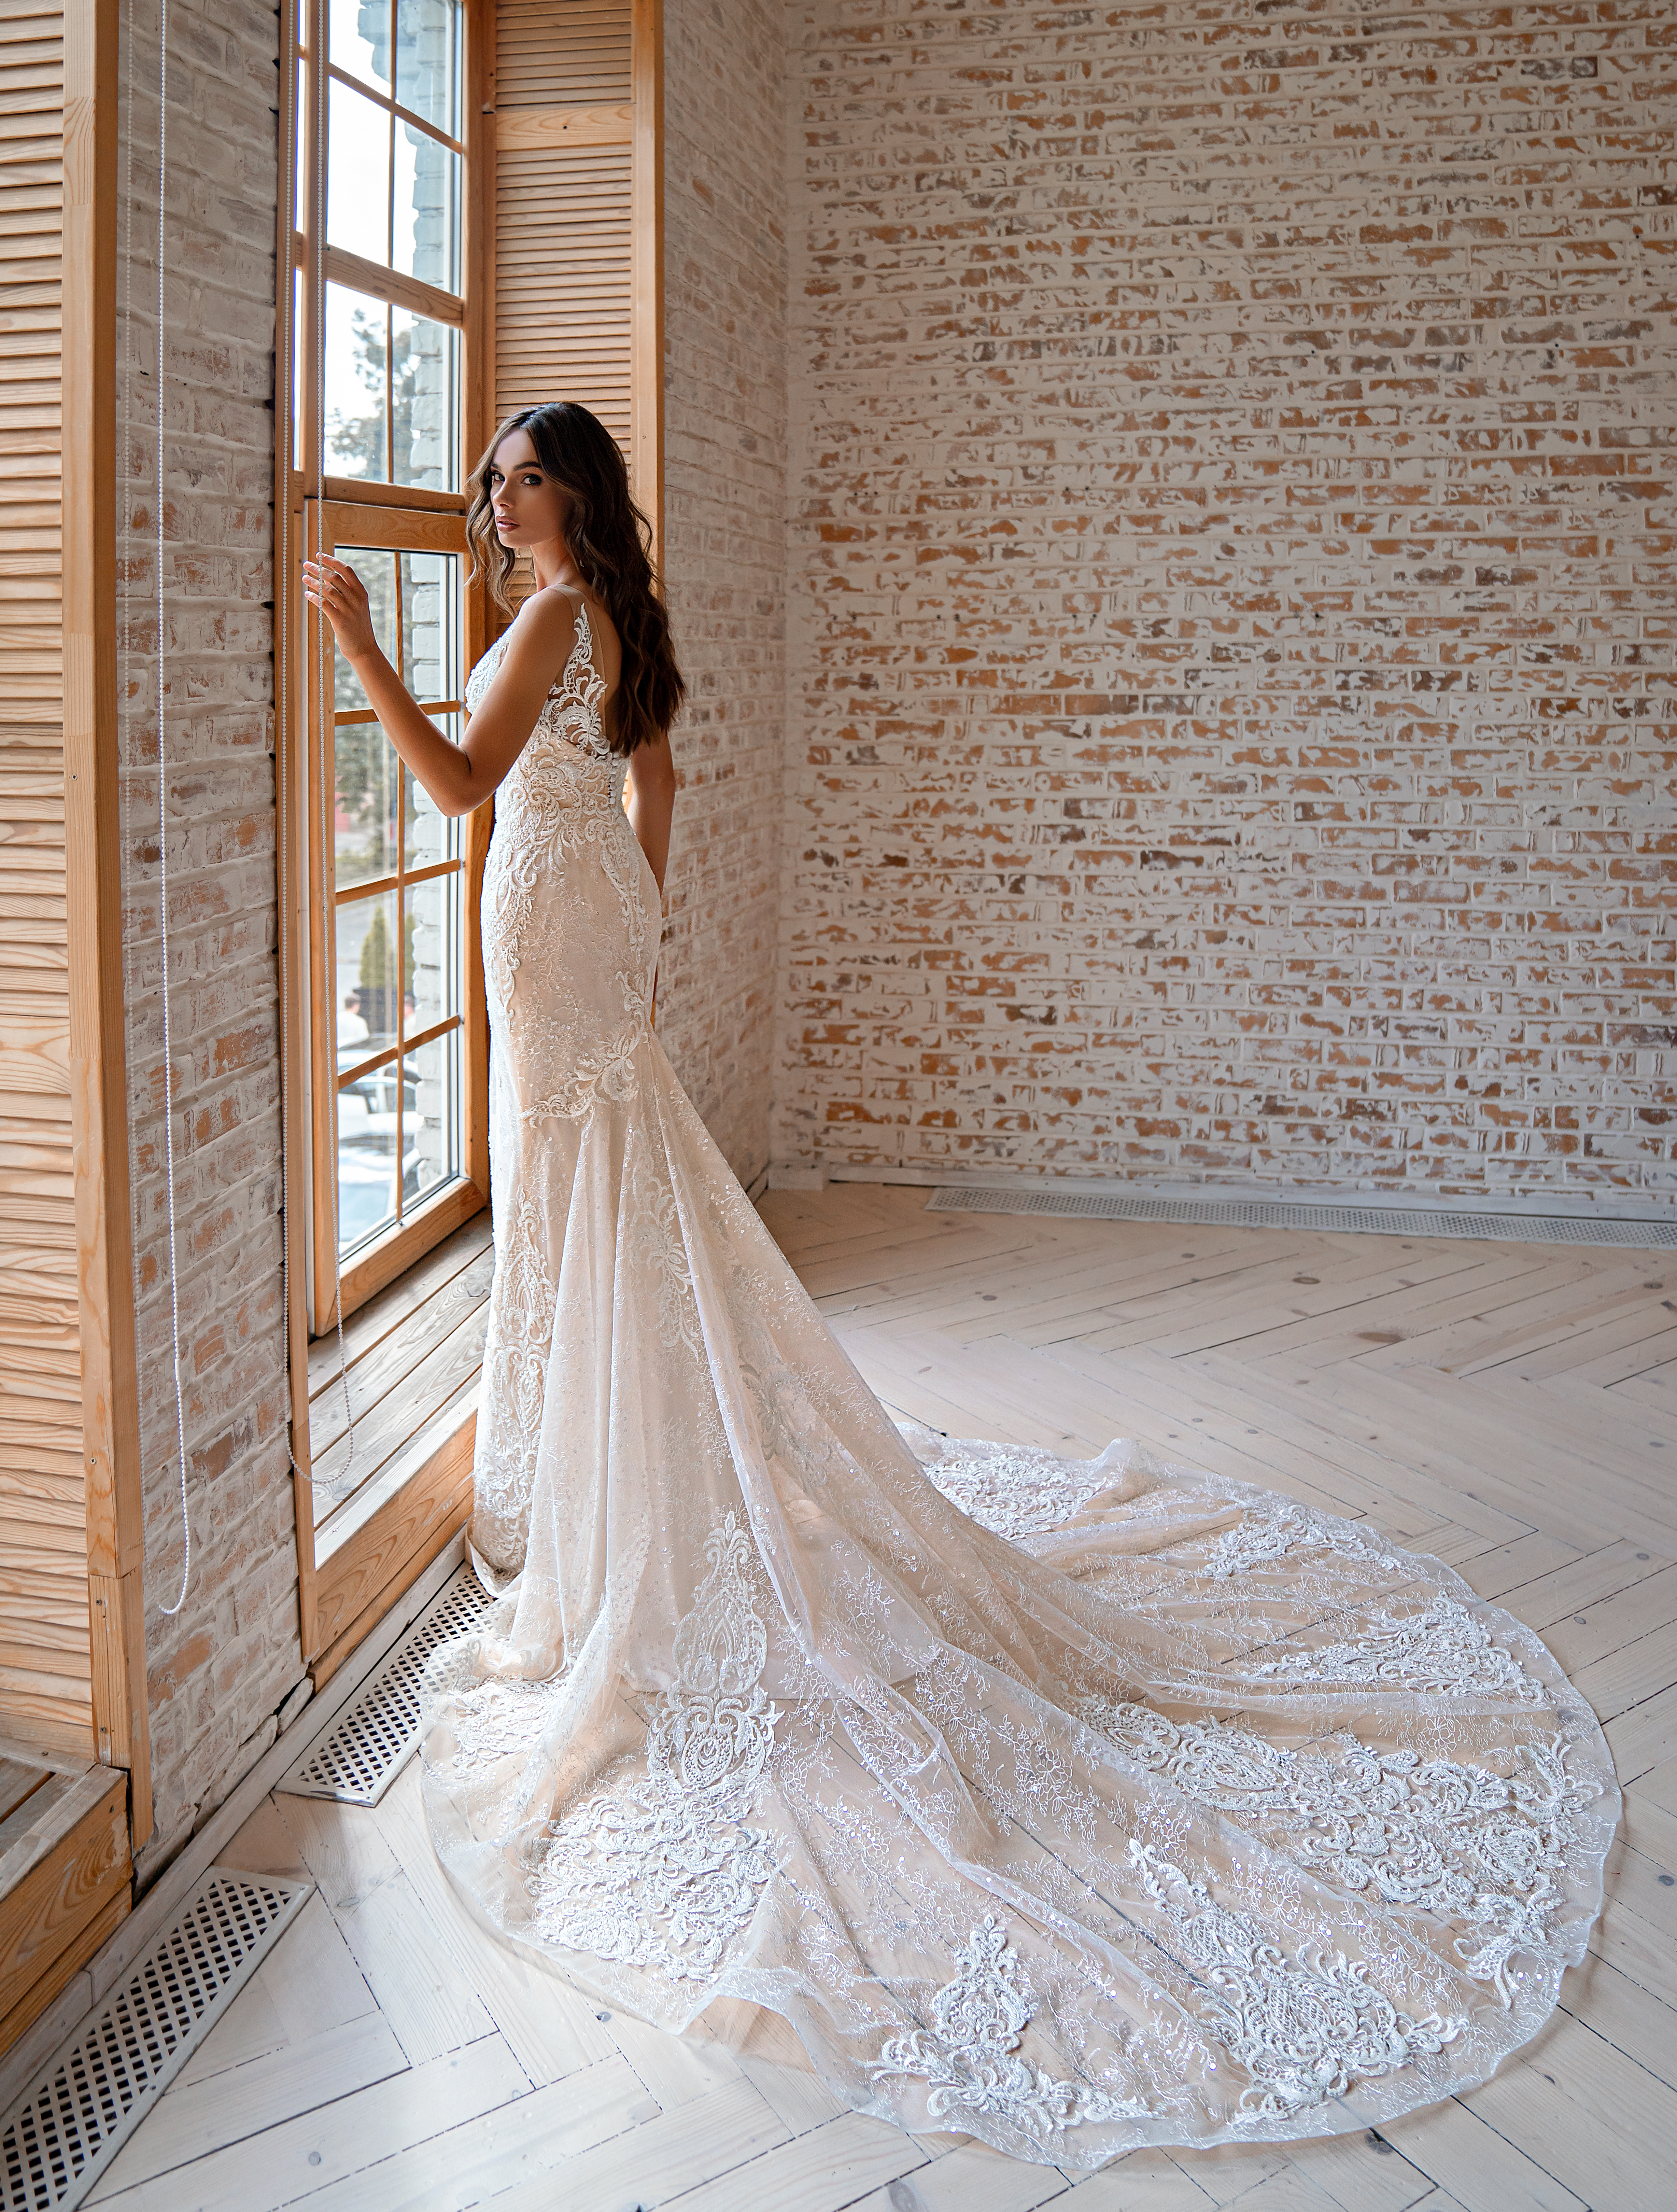 Rochie de mireasă siluetă tip sirenă-1